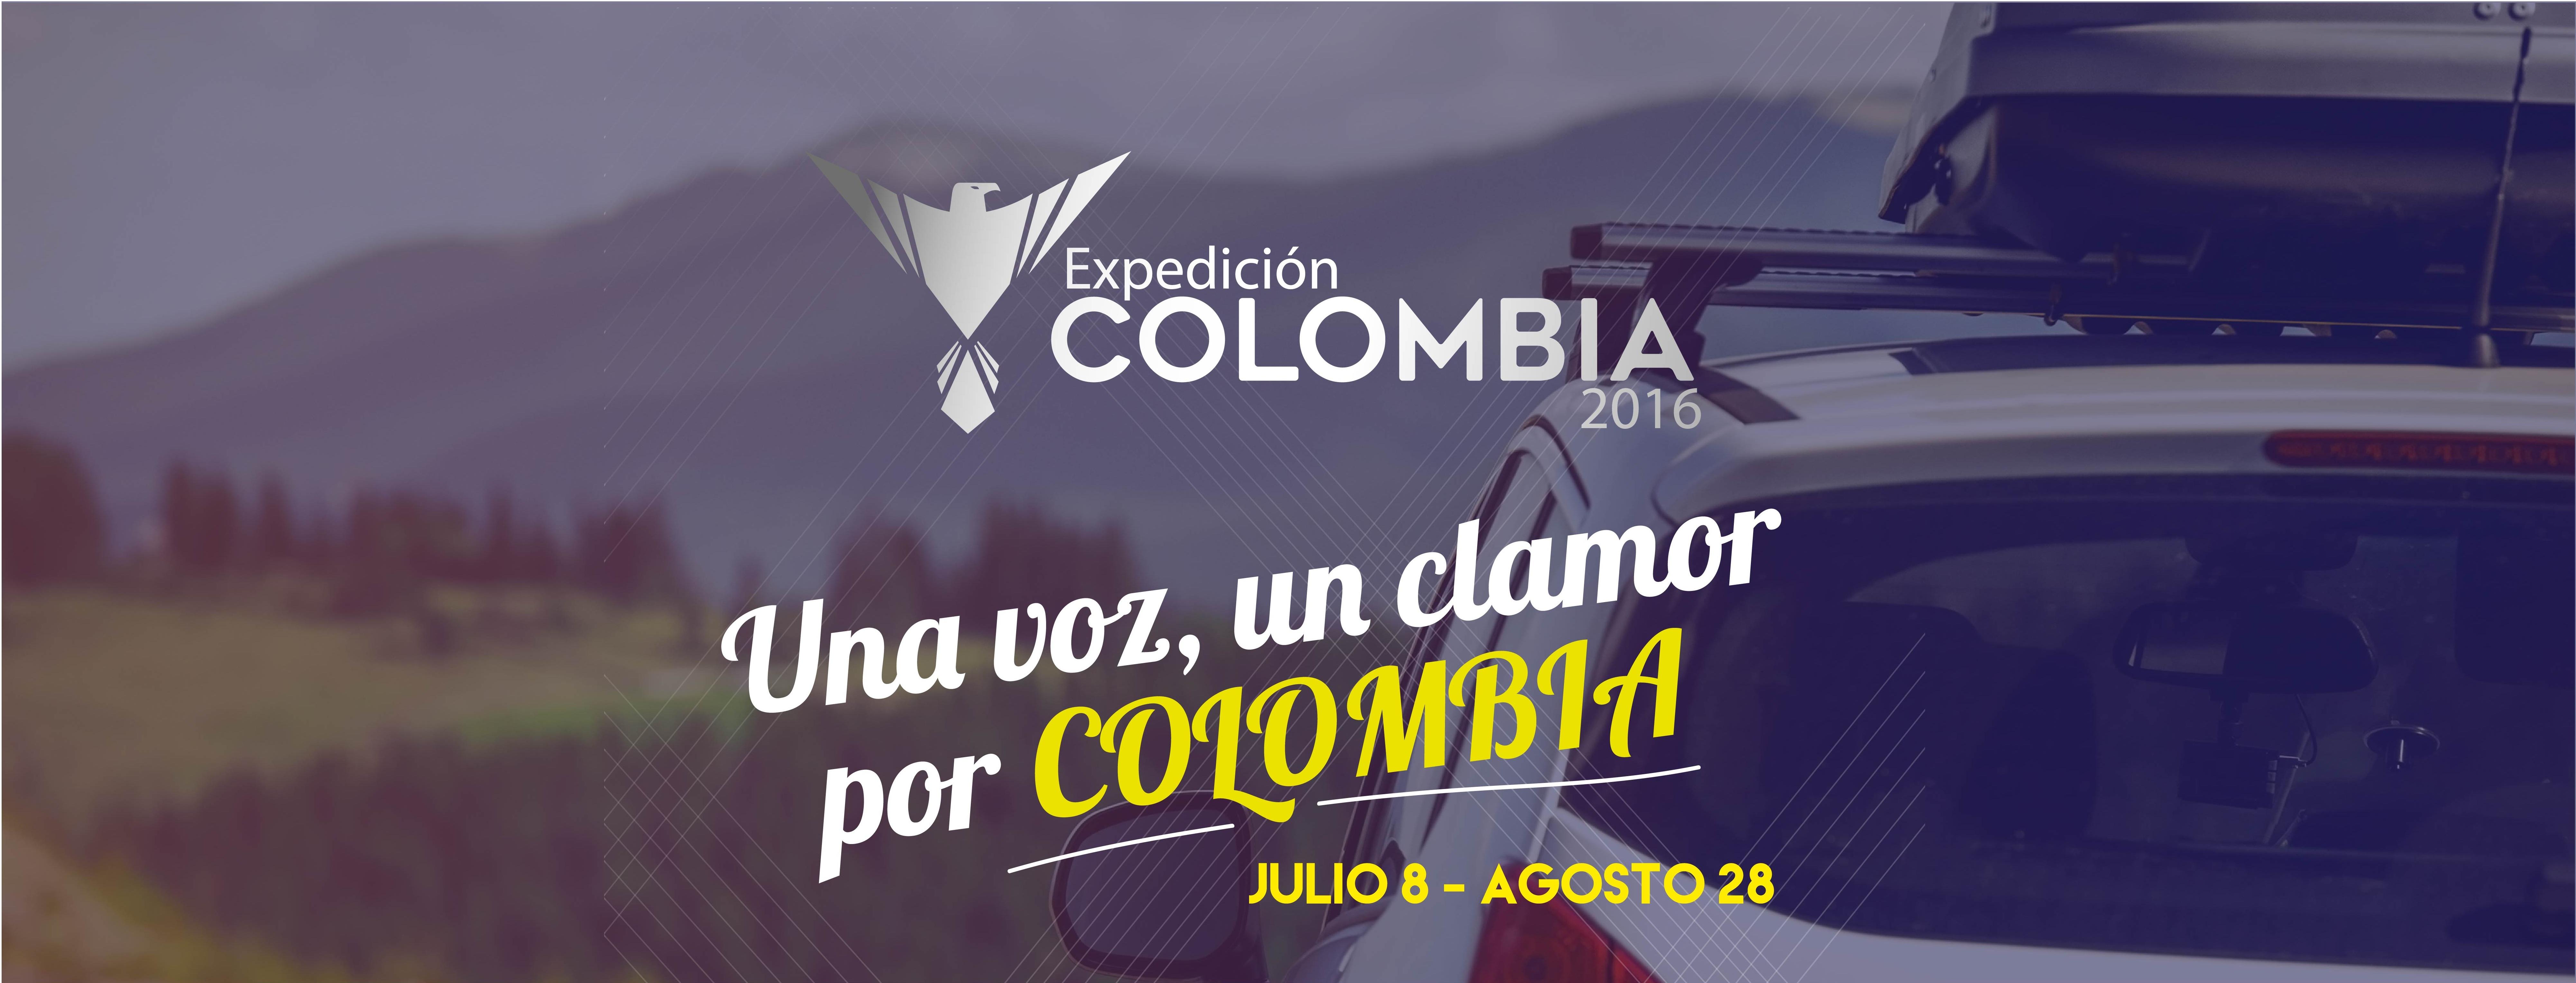 1.-Expedición-Colombia